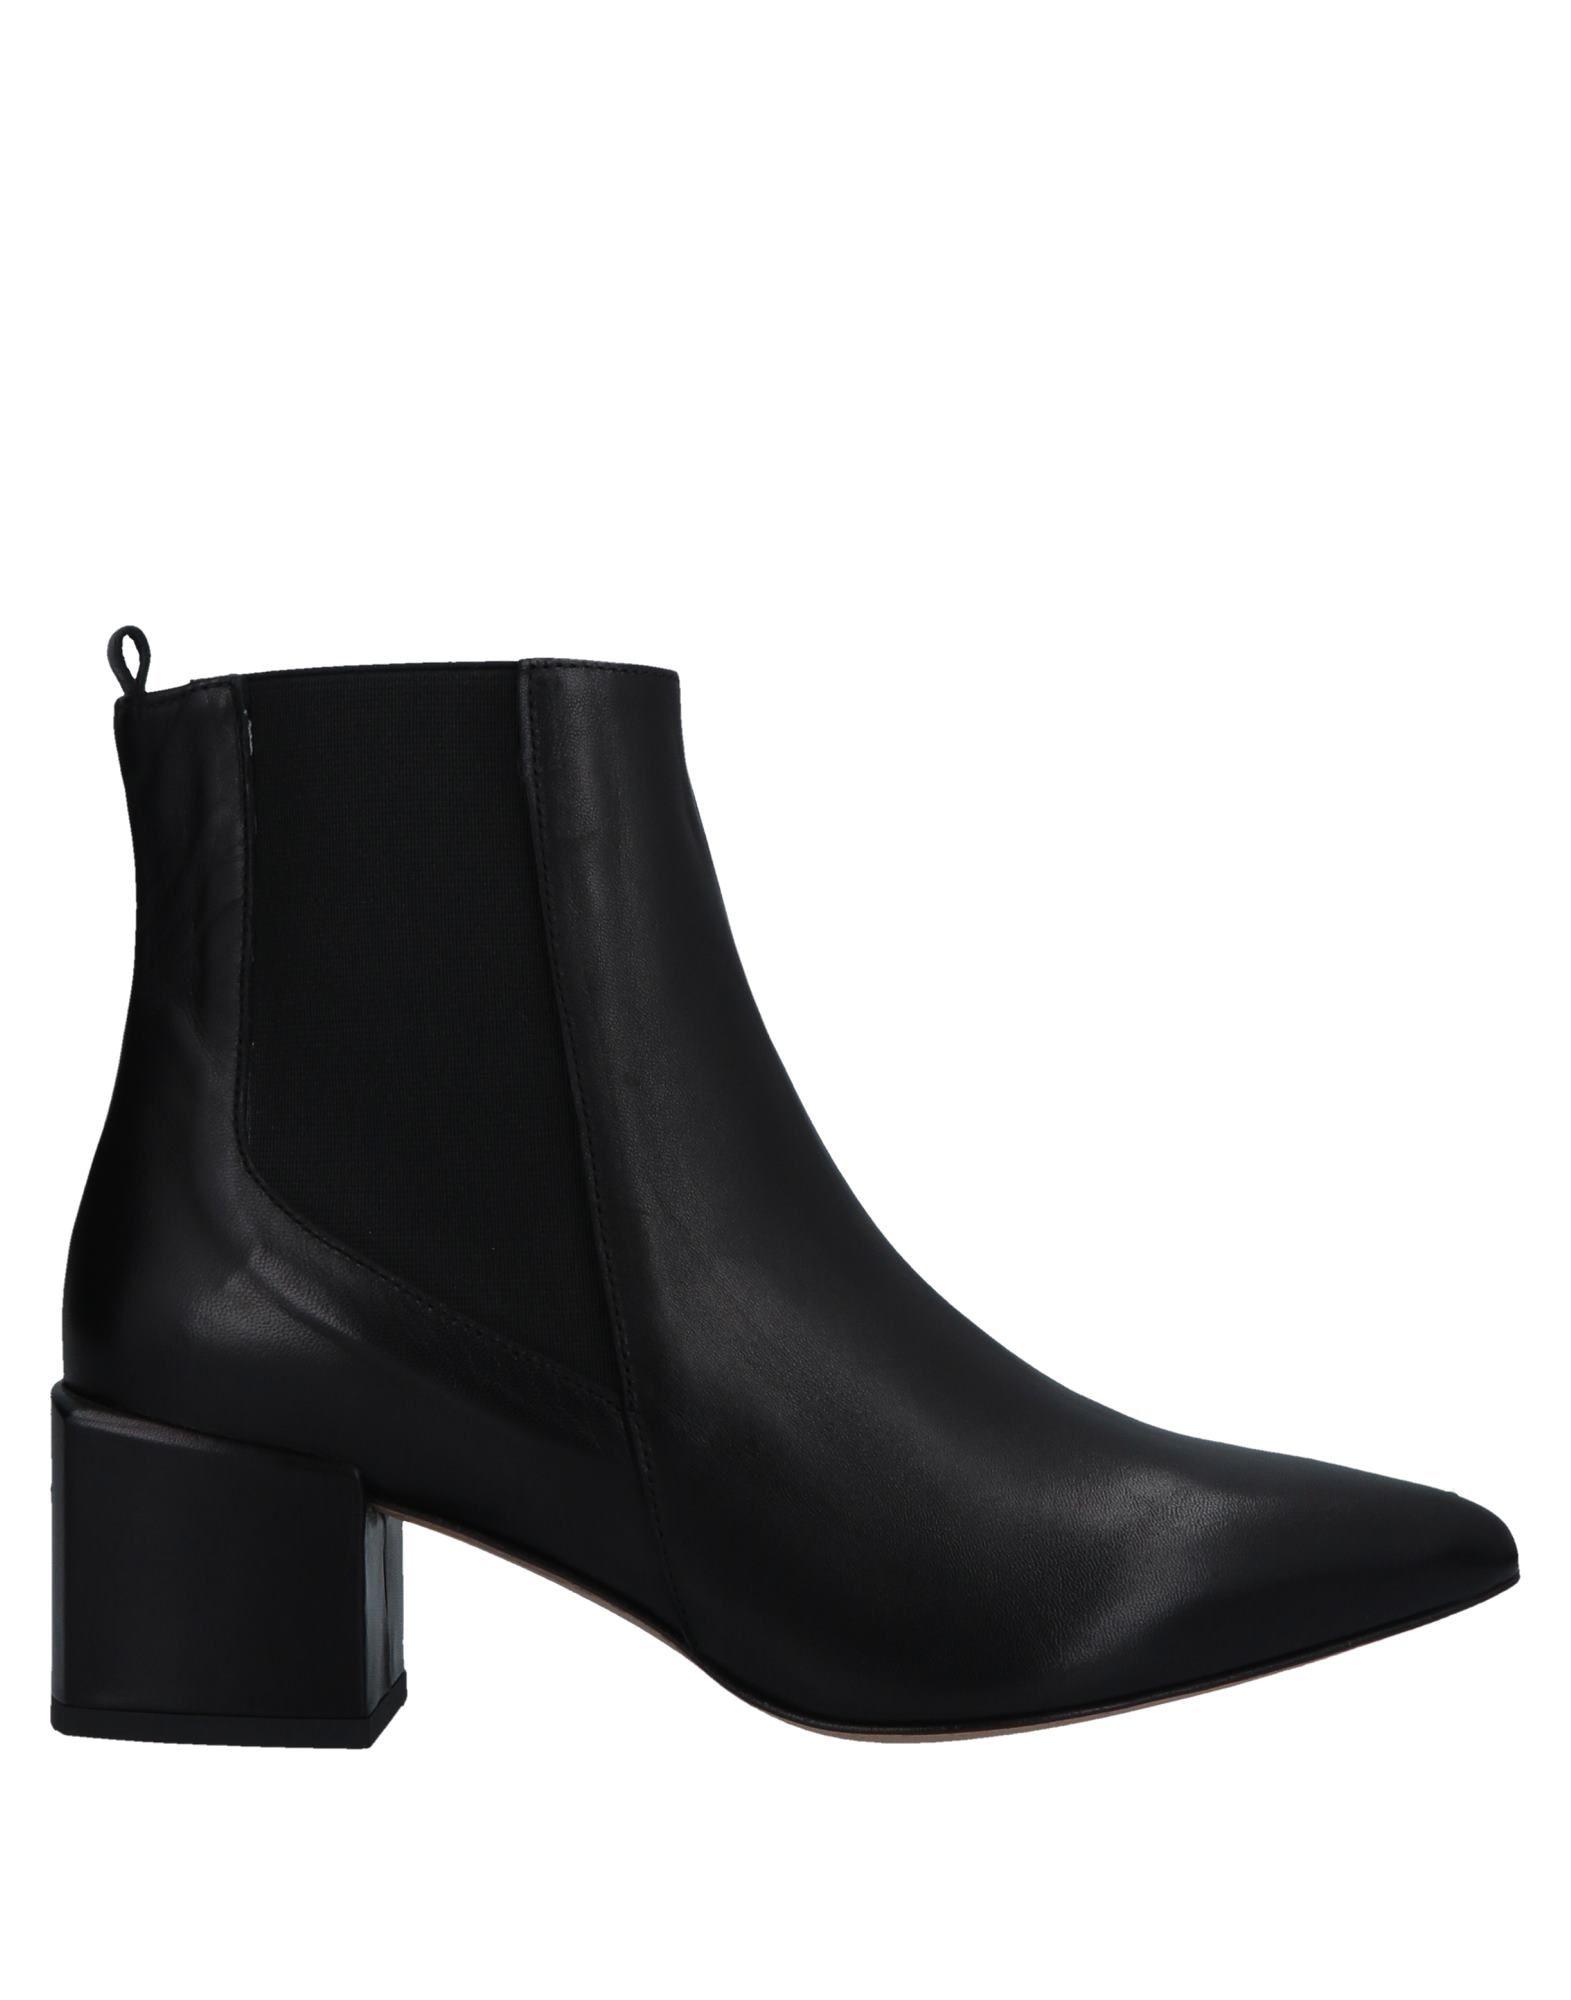 Stivaletti Noa Noa donna - 11699394UH  billig